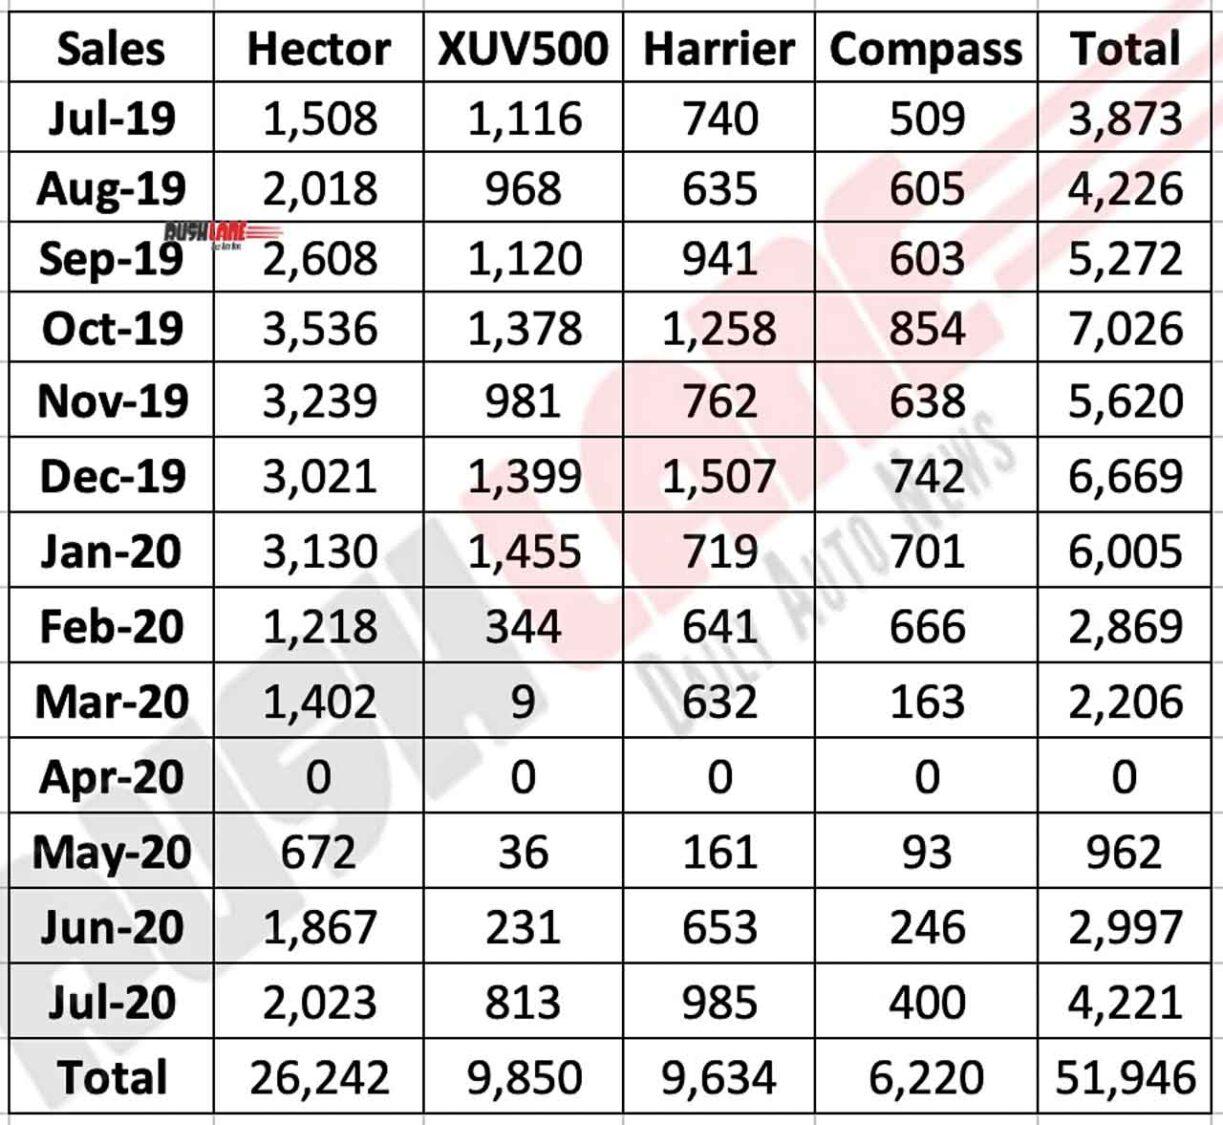 MG Hector sales vs rivals